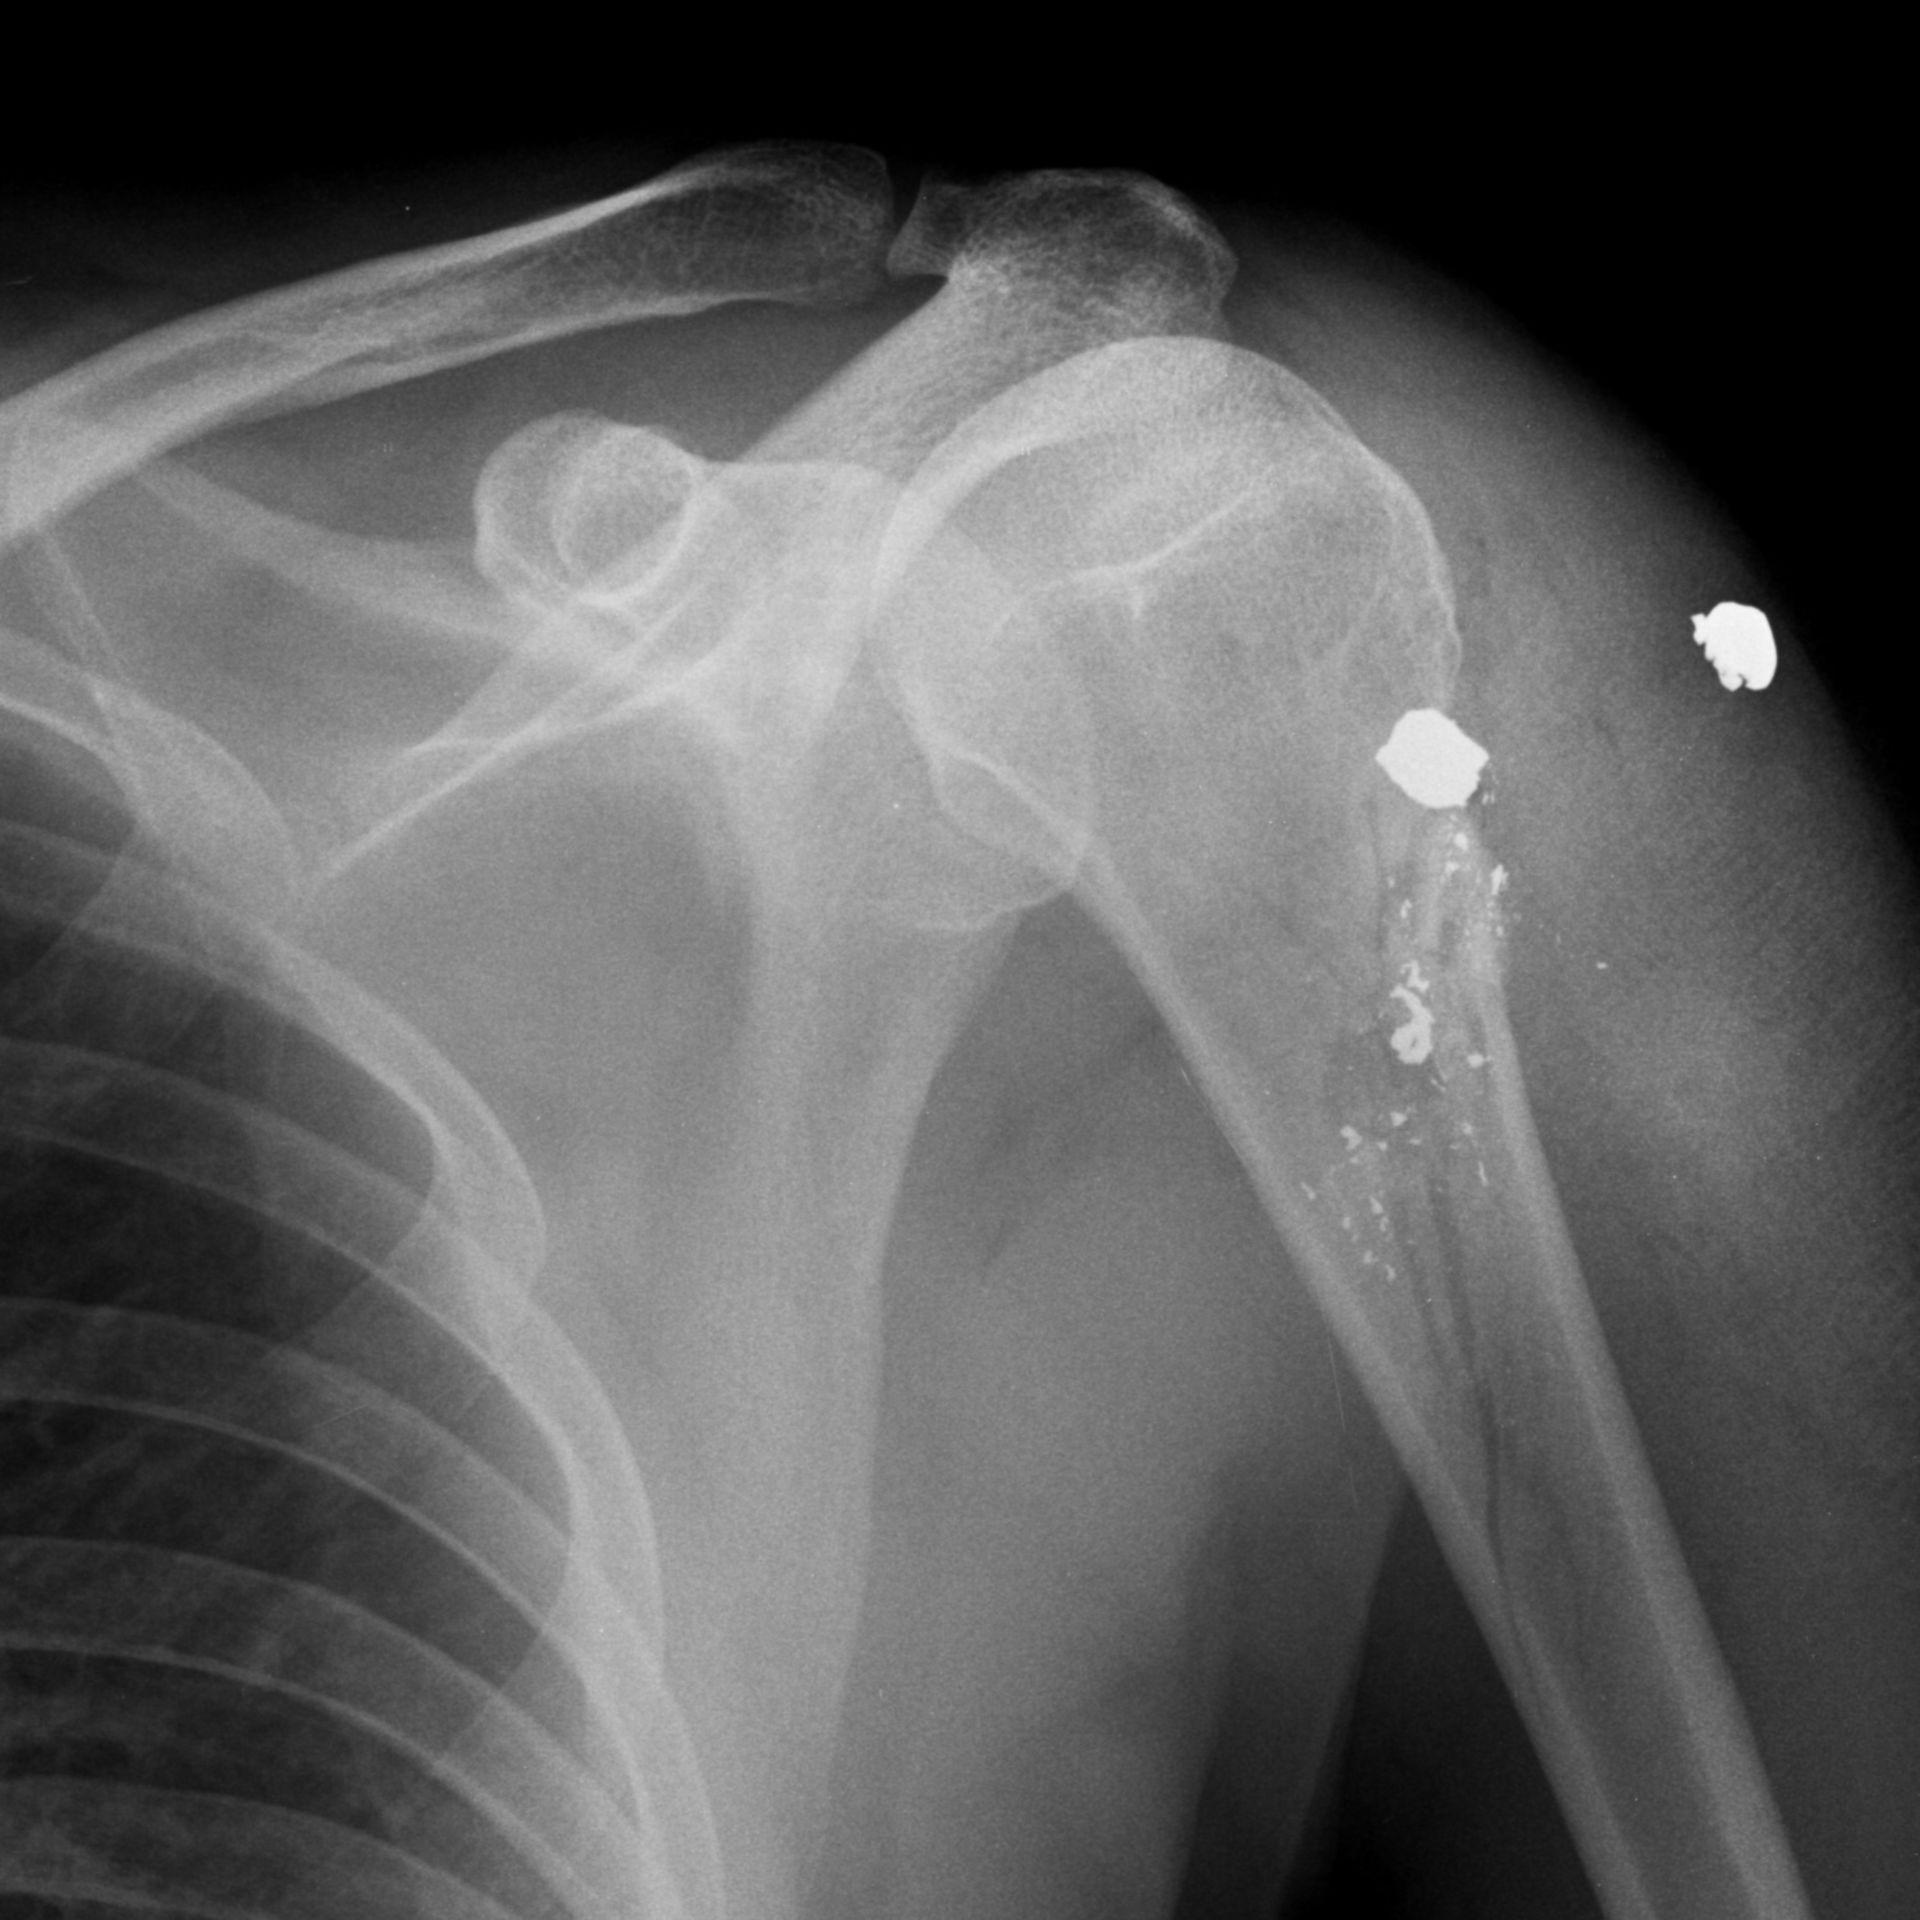 Colpo di pistola al braccio superiore con frattura prossimale dell'omero